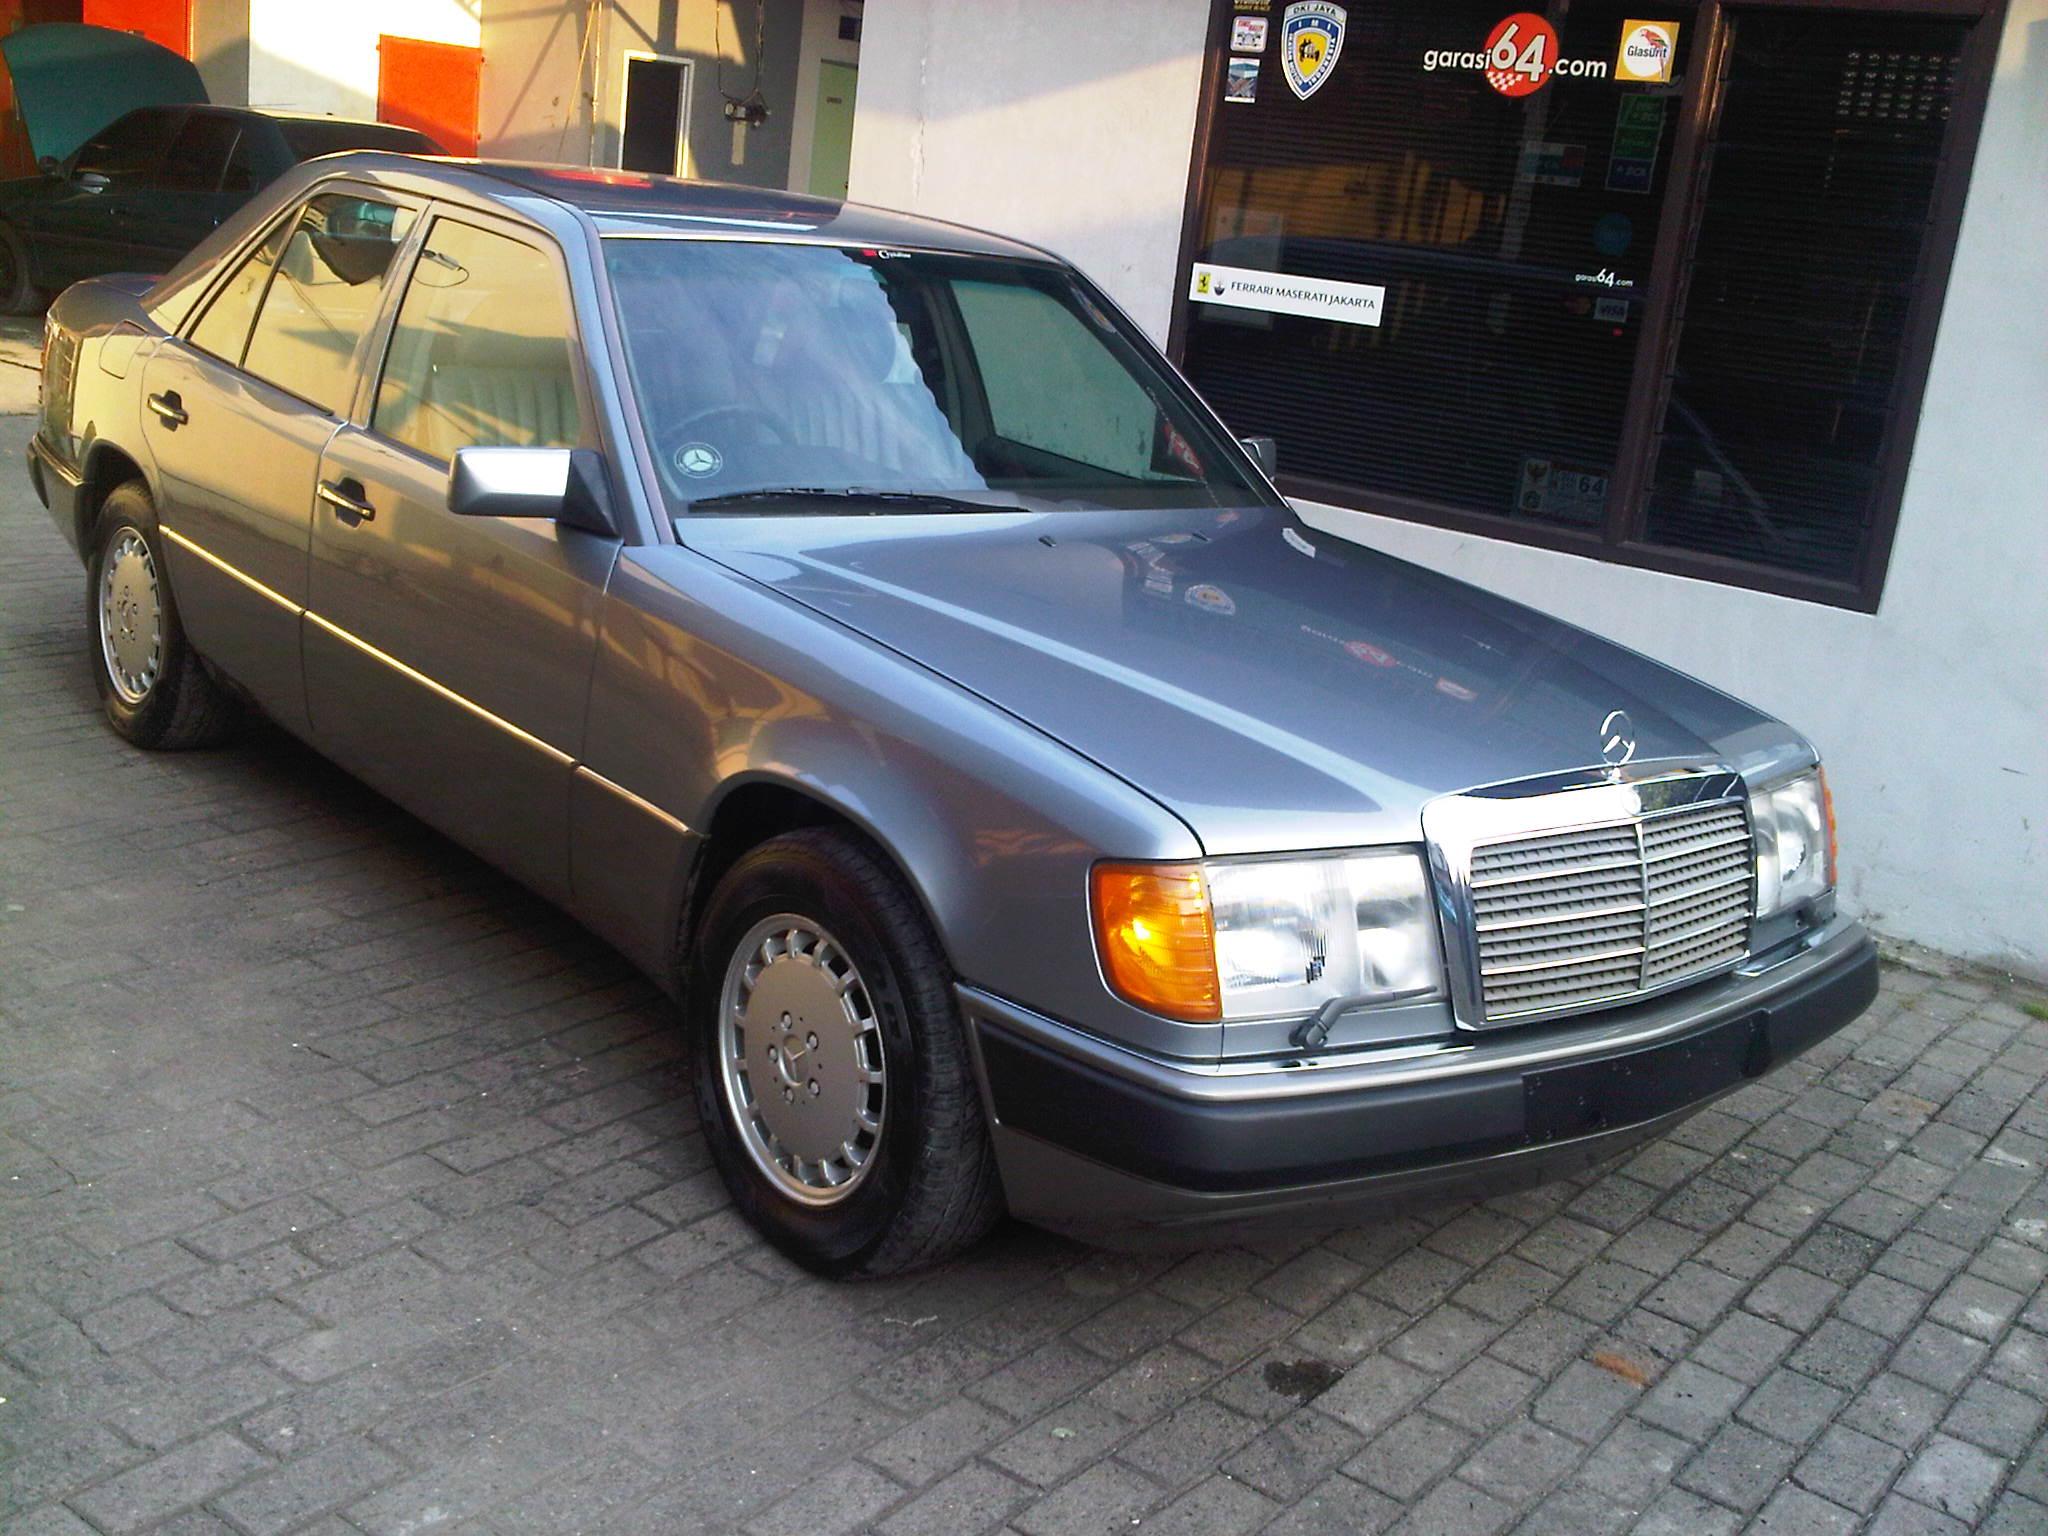 1990 mercedes benz 300e w124 garasi 64 for 1990s mercedes benz